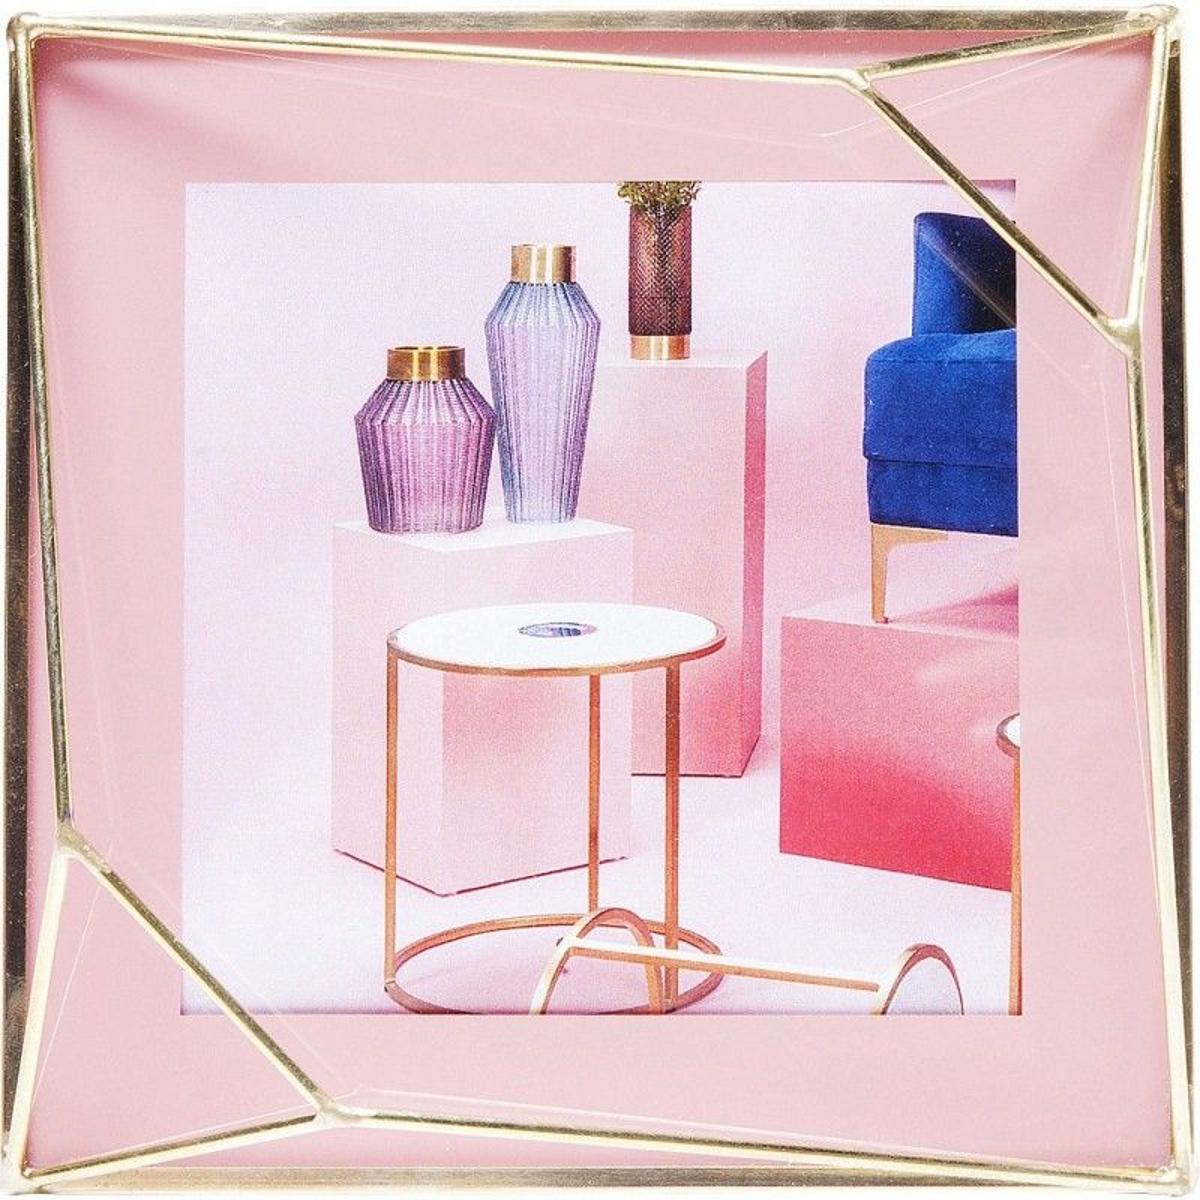 Cadre Art Pastel rose 10x10cm Kare Design